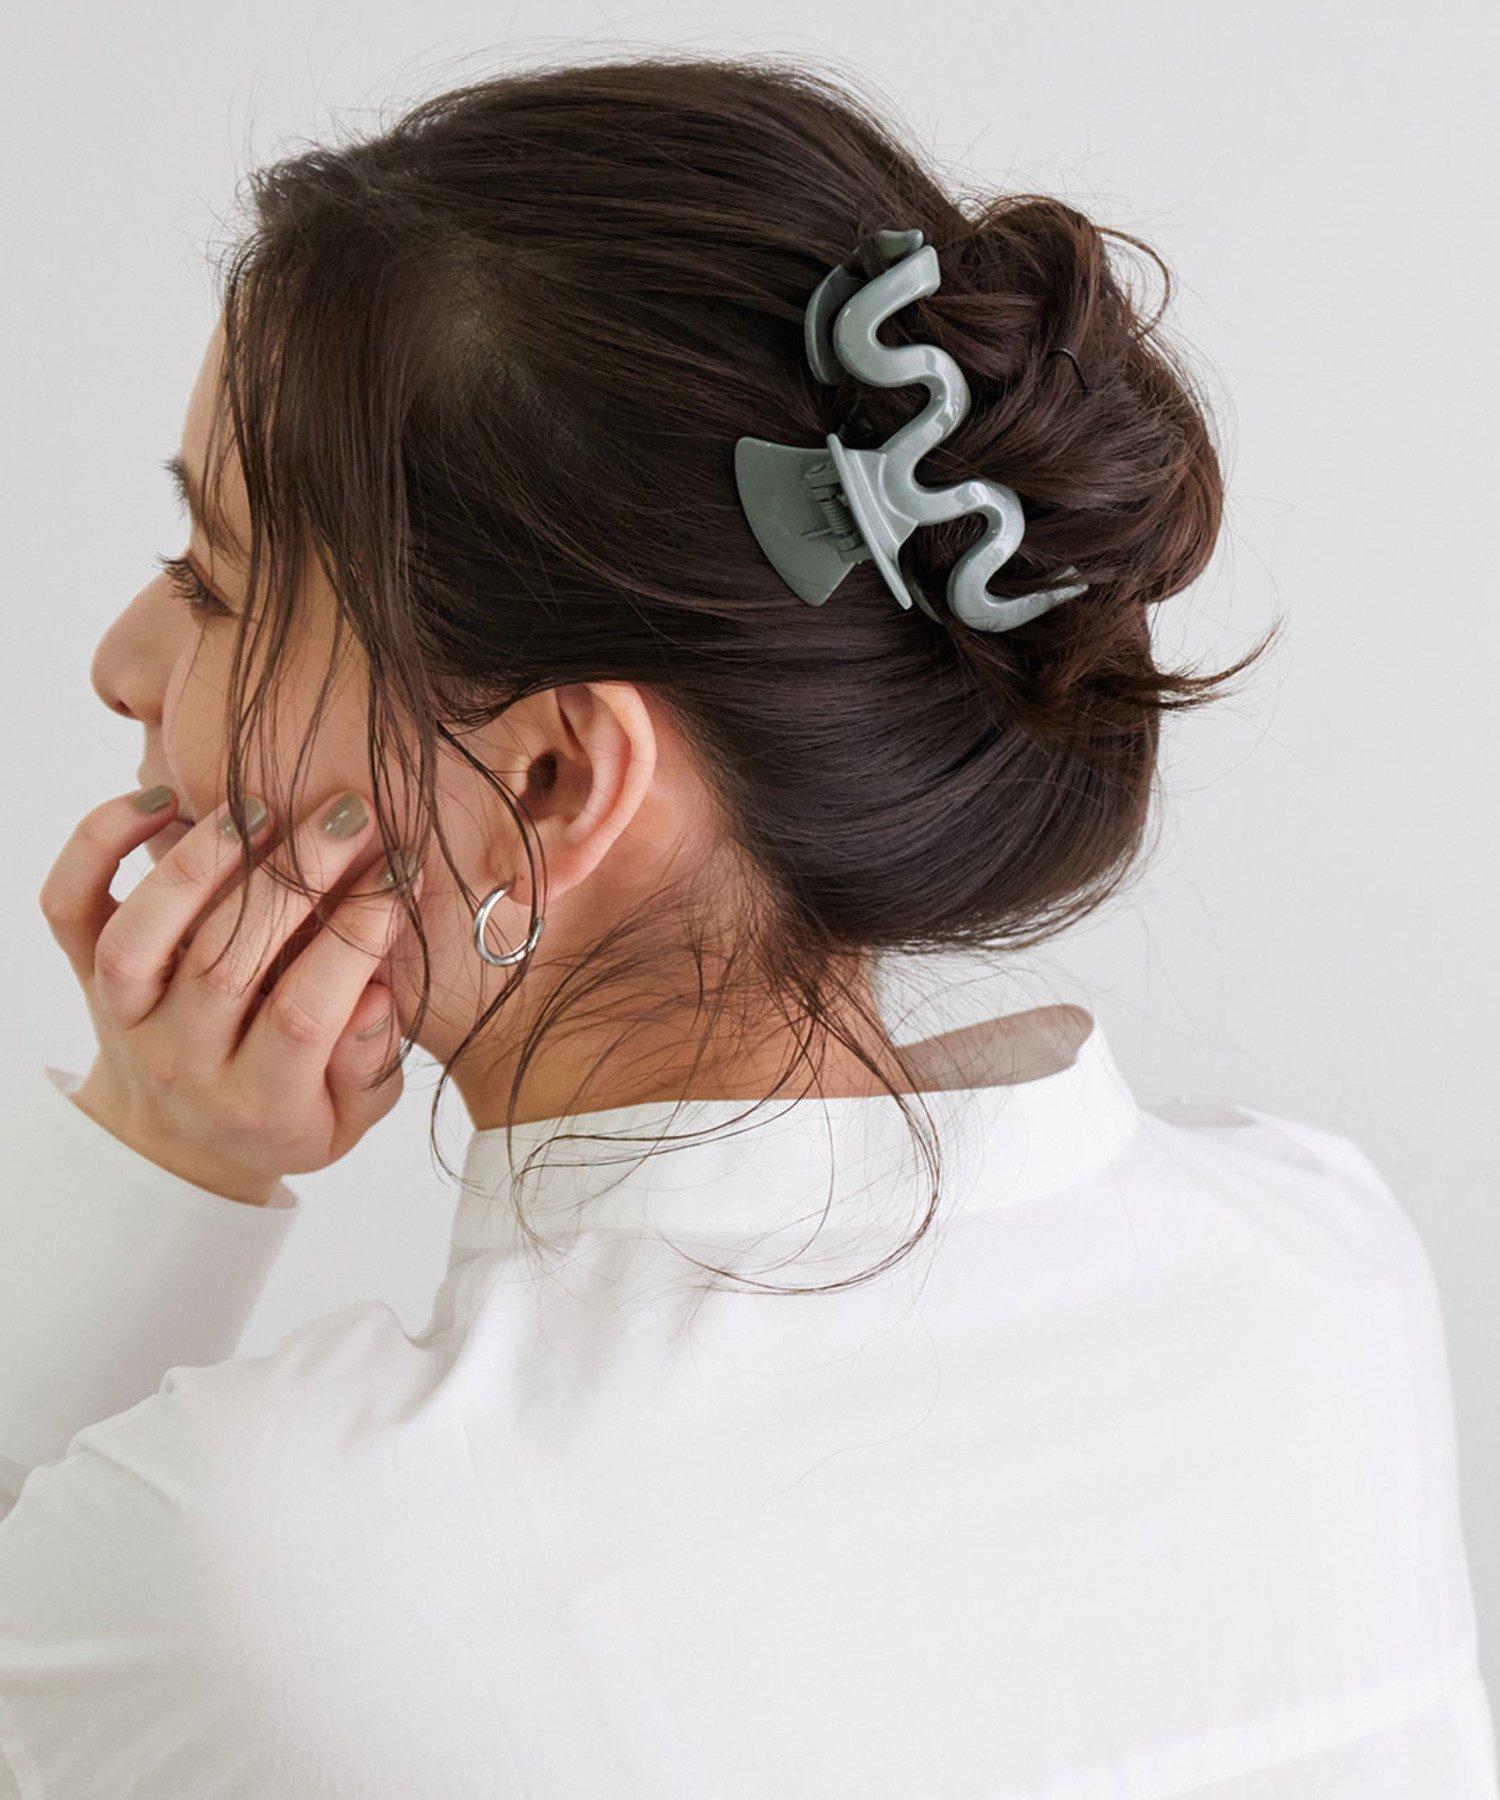 エア マックス ココ コーデ ヘアクリップ air_max_koko_style_ideas_hair_clip